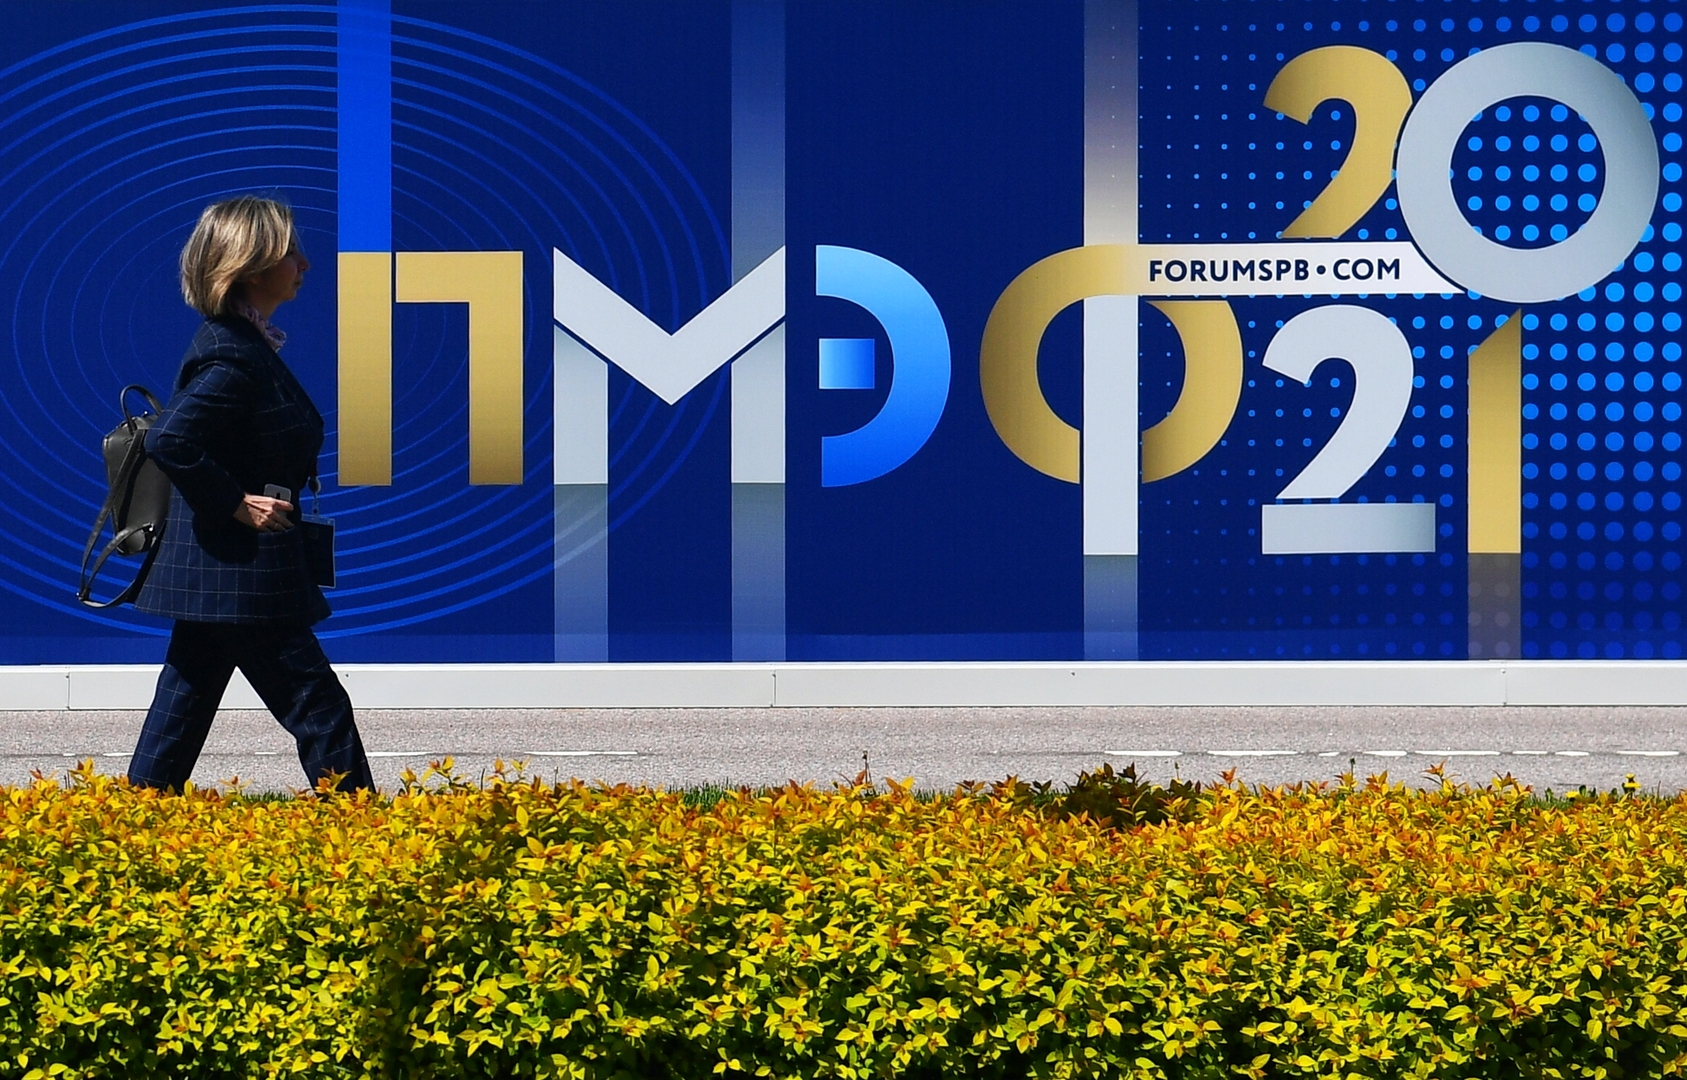 صورة من الأرشيف - منتدى بطرسبورغ الاقتصادي الدولي 2021